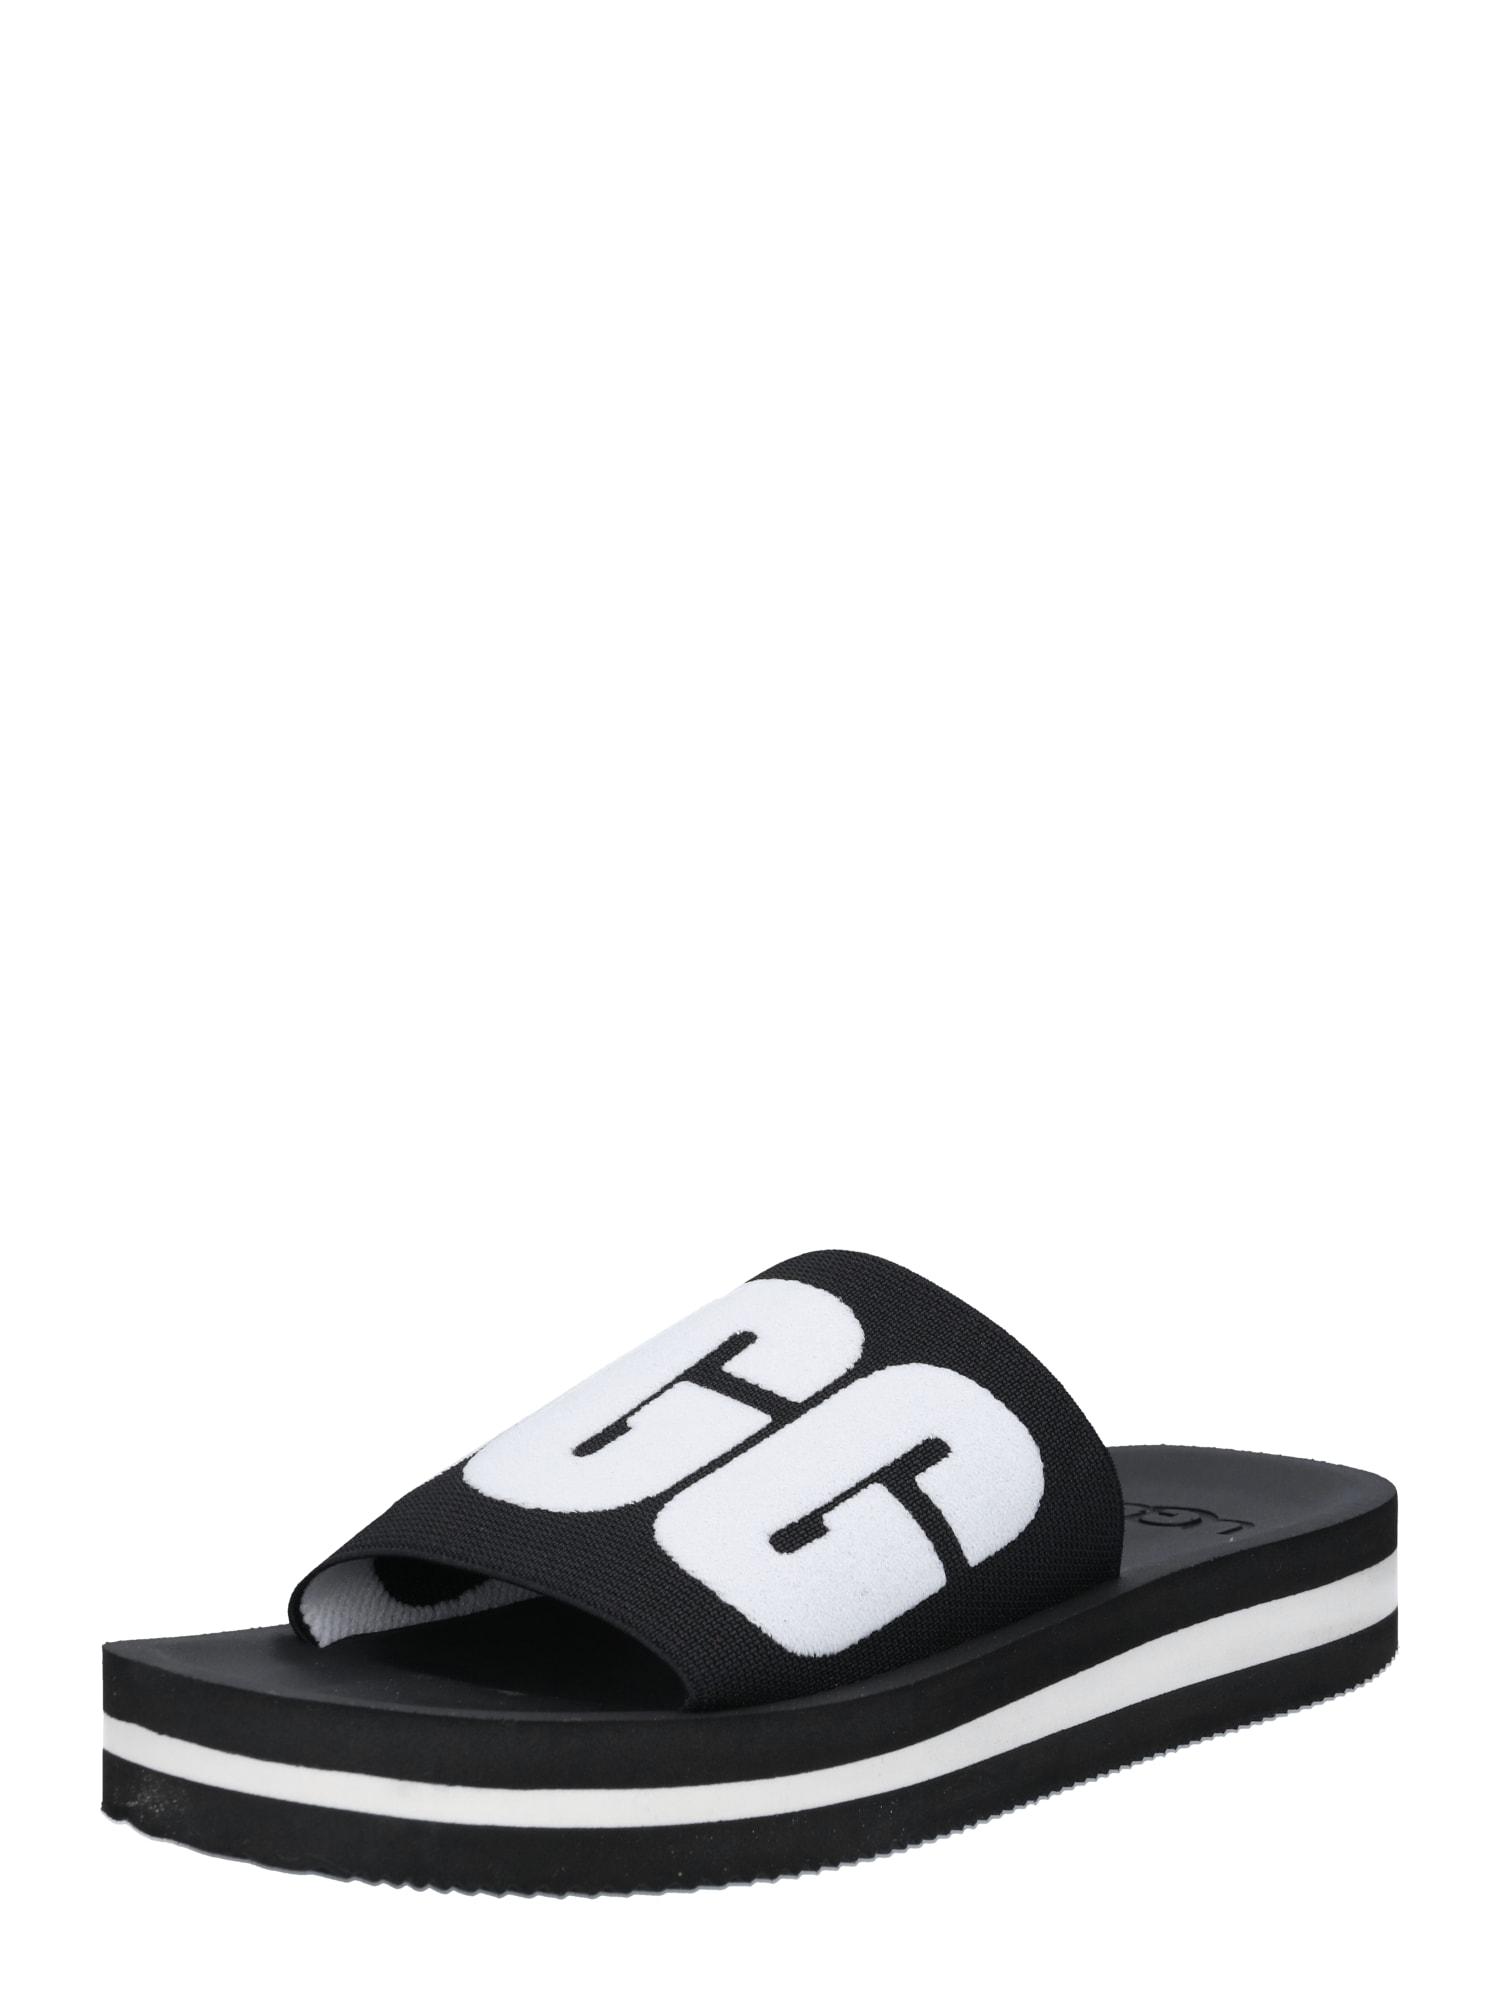 Pantofle Zuma Graphic černá bílá UGG